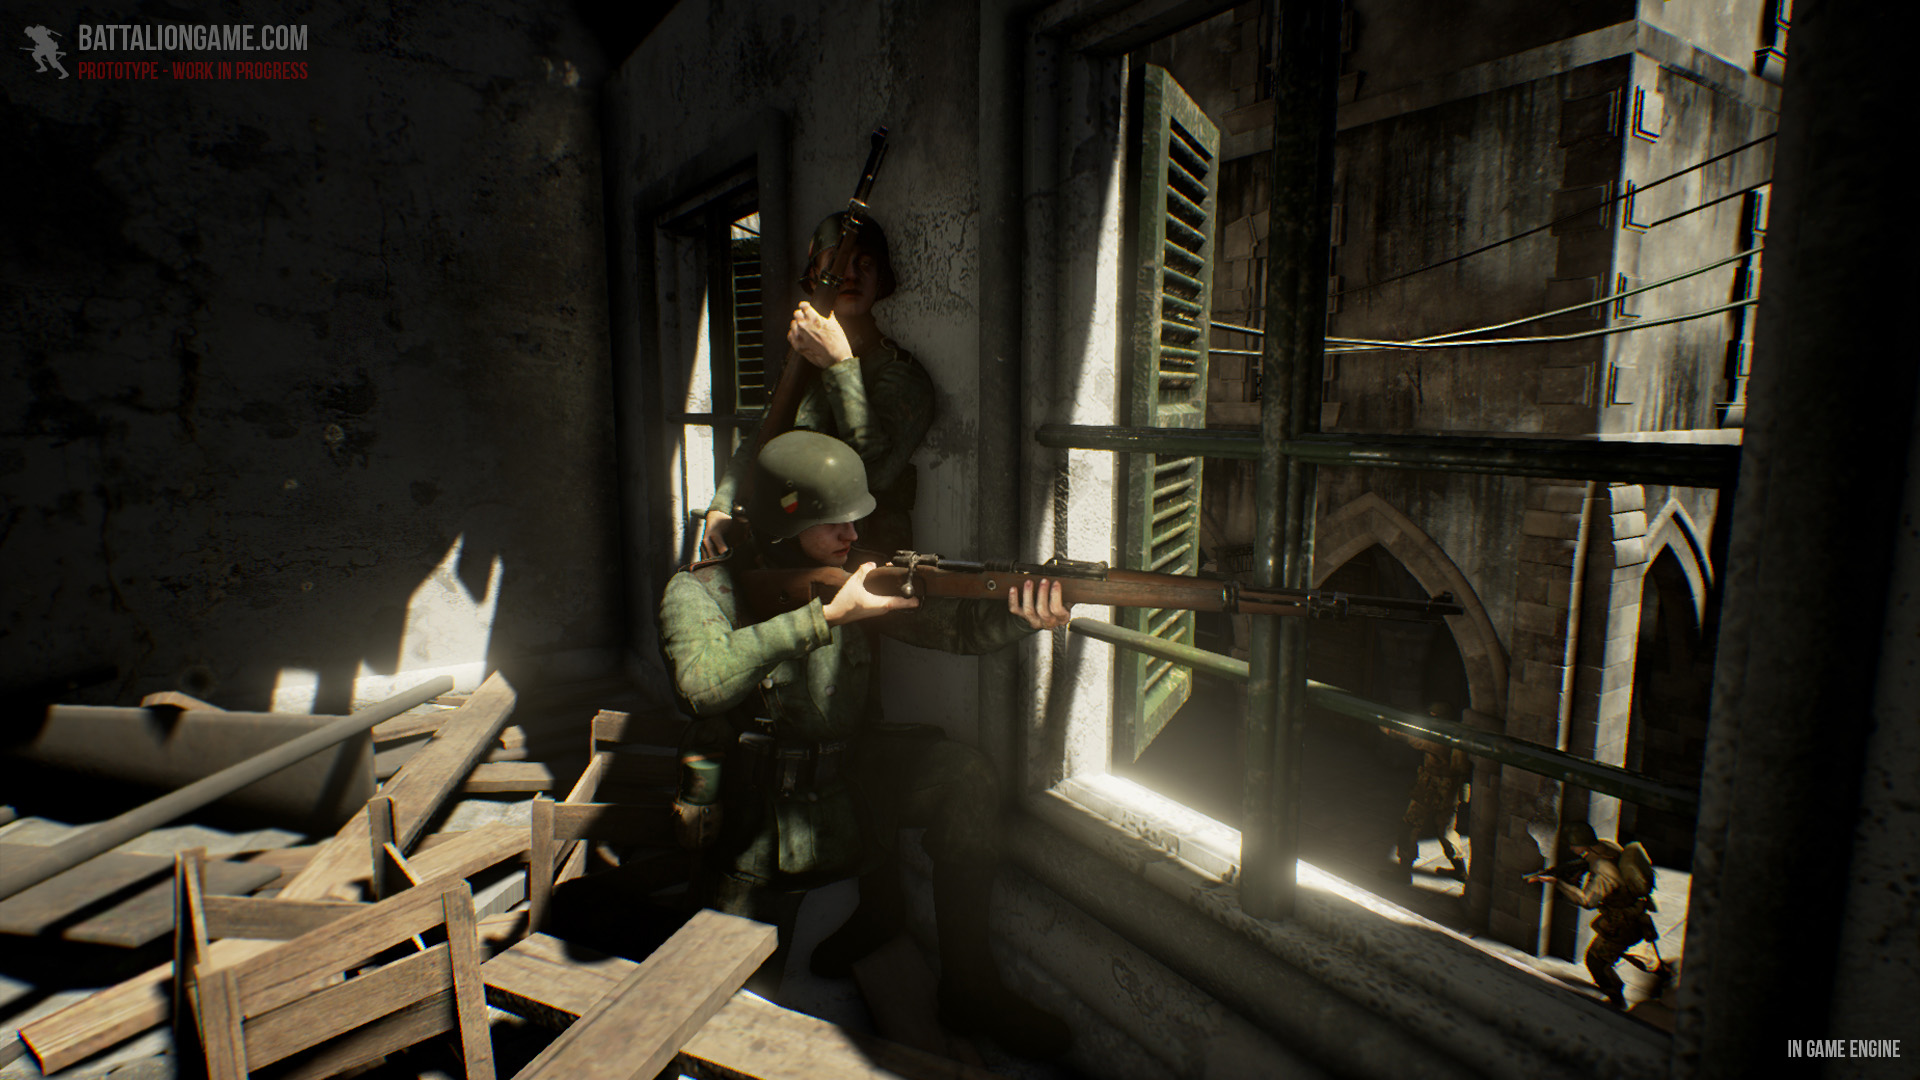 Battalion 1944: Sammeln für Skill-basierten Multiplayershooter - Battalion 1944 (Bild: Bulkhead Interactive)